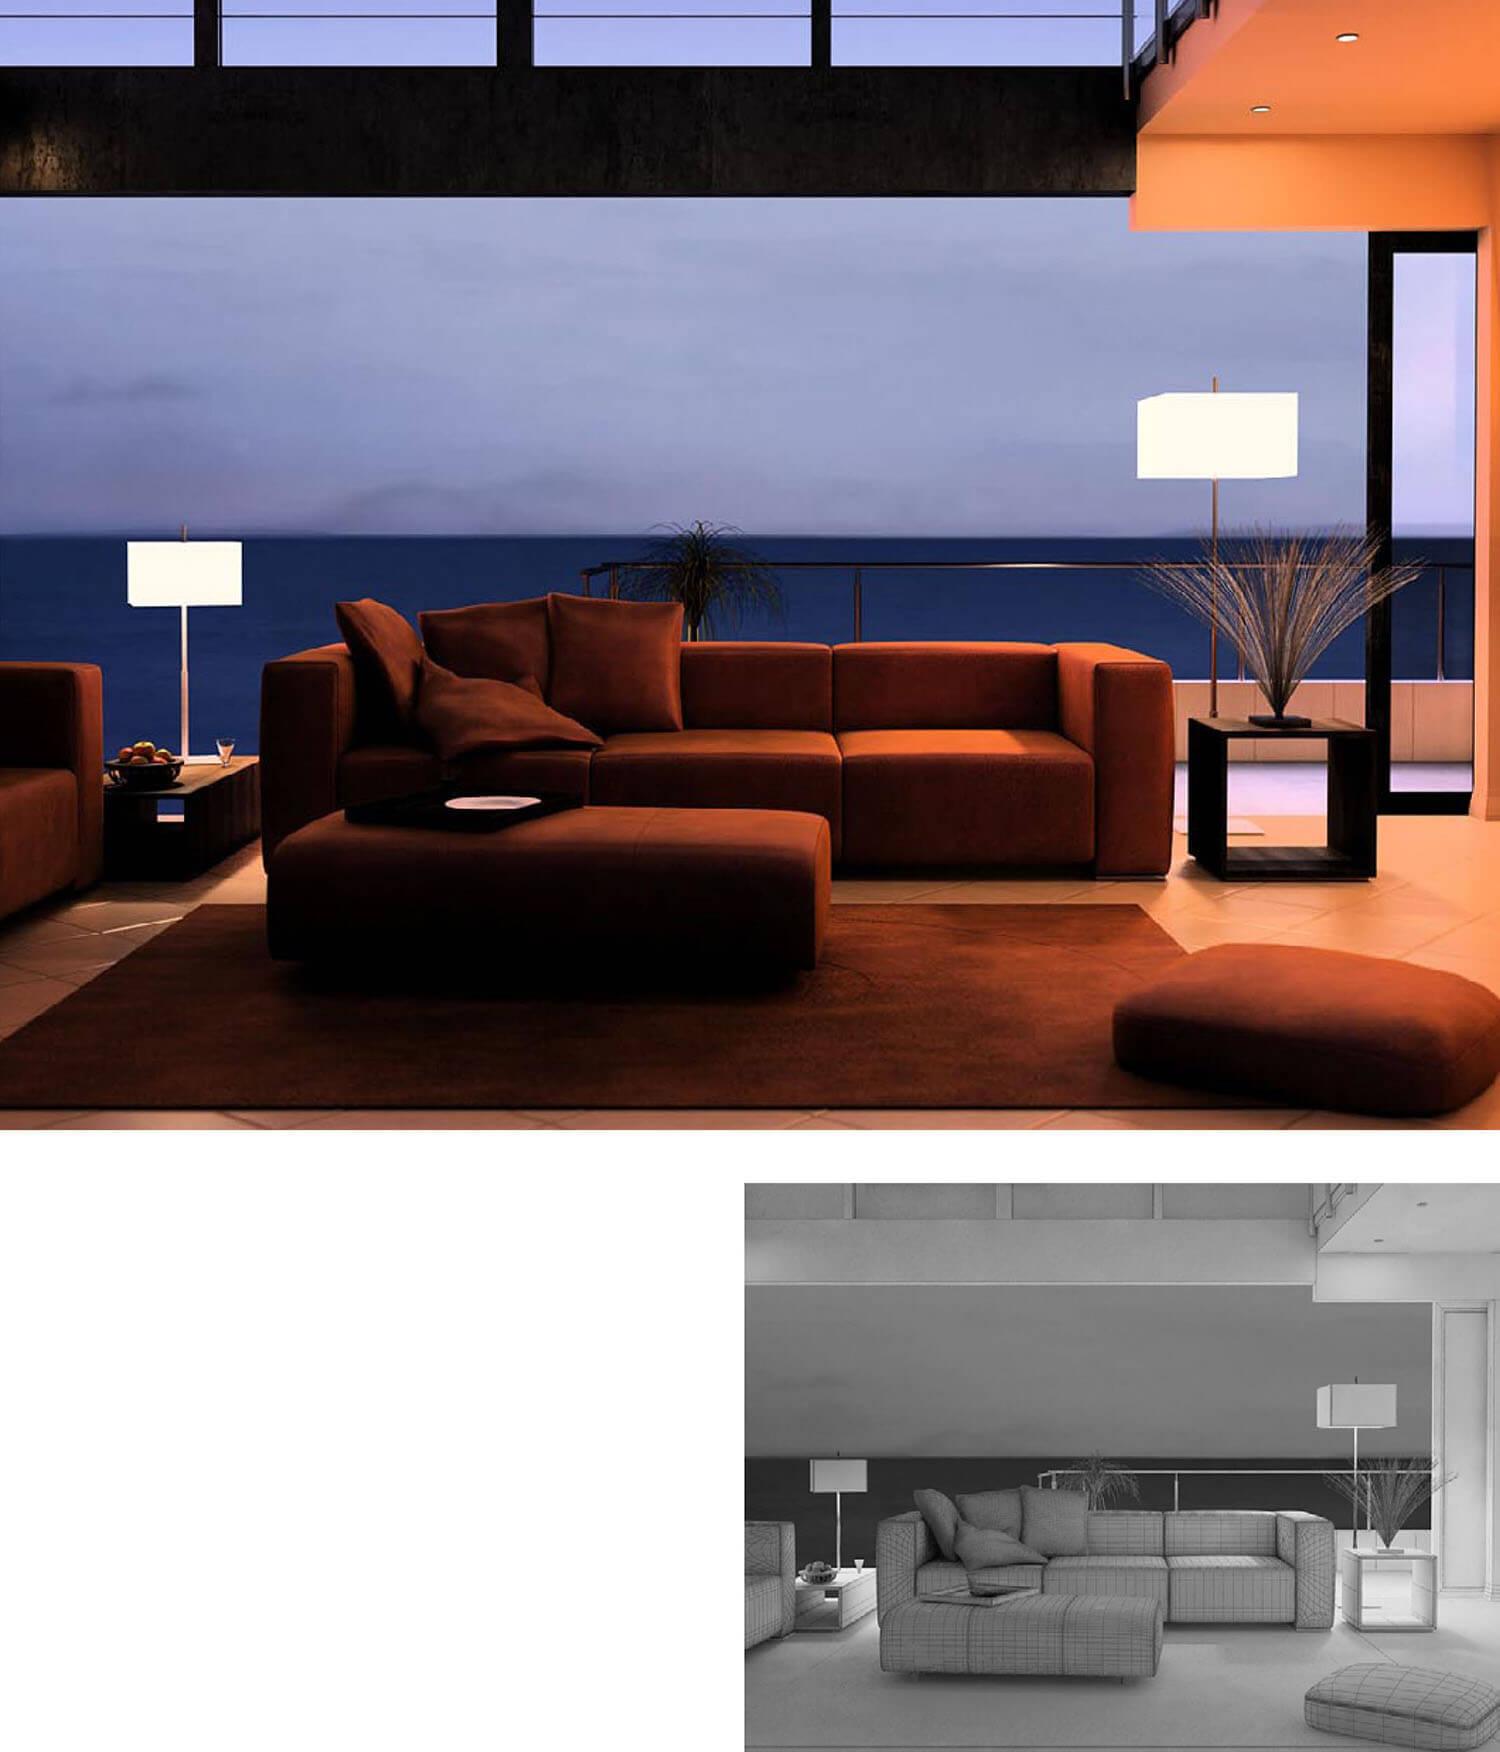 Không gian phòng khách với vách kính lớn mở ra ban công